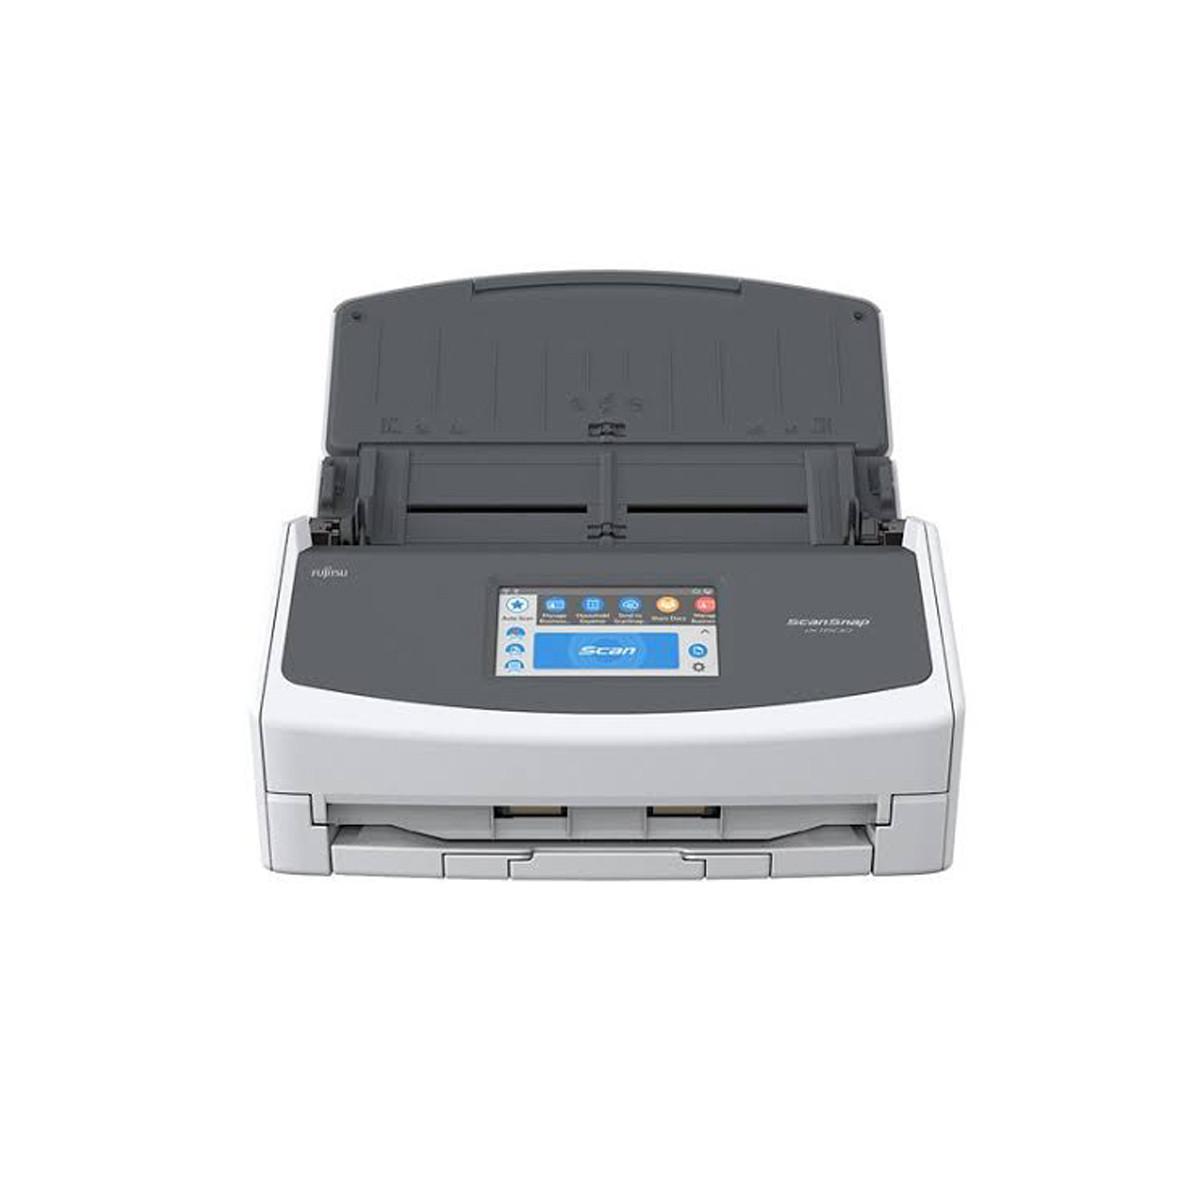 Scanner Fujitsu ScanSnap iX1500 iX-1500 | Conexão USB Até Tamanho A3 ADF para 50 Folhas